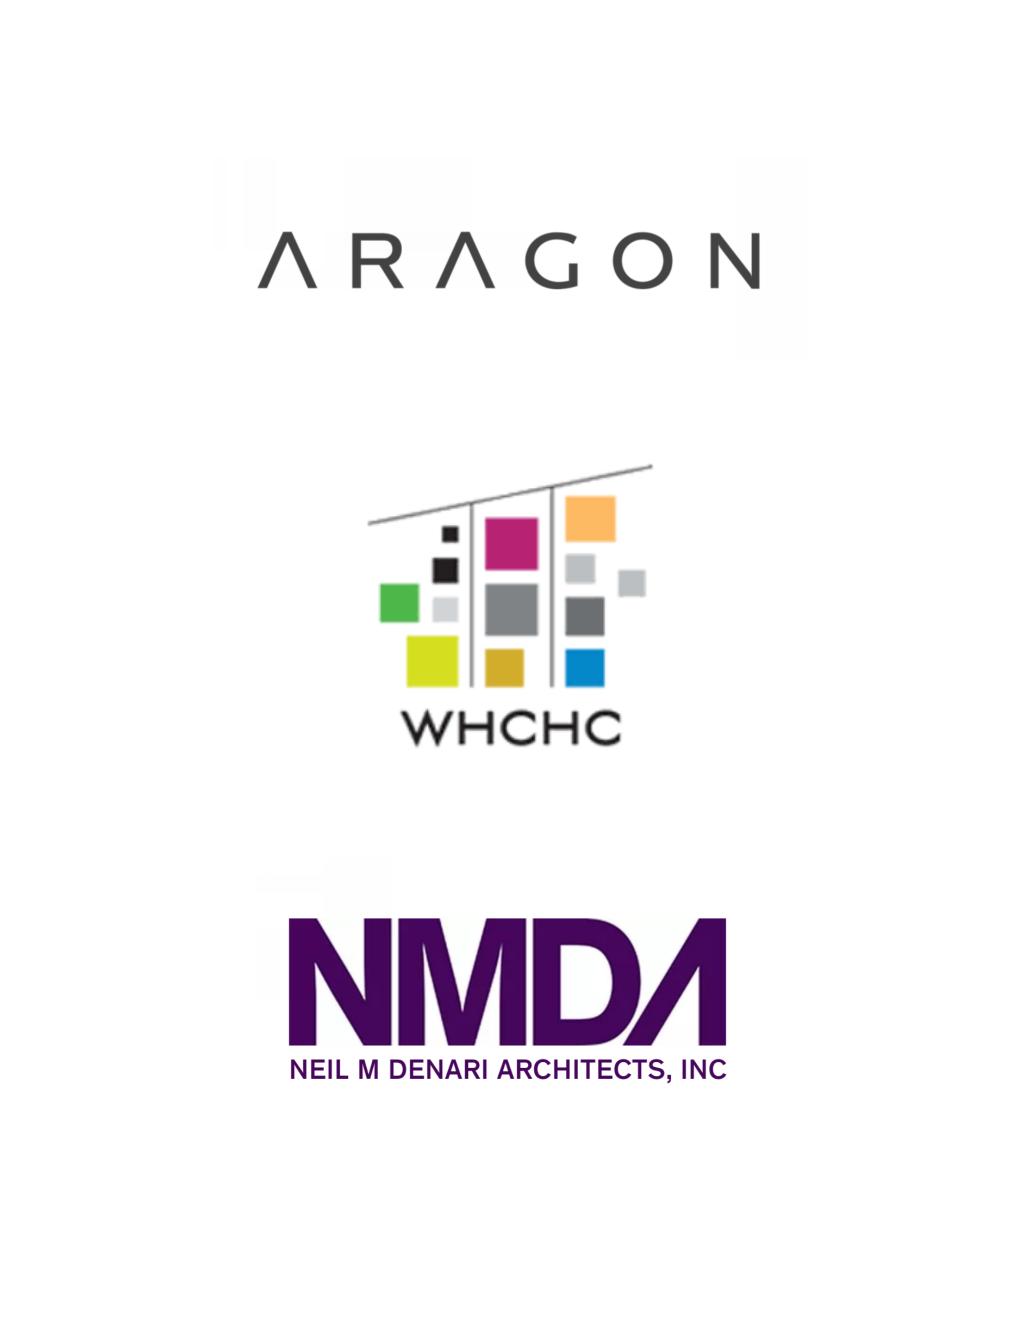 Aragon WHCHC NMDA.png